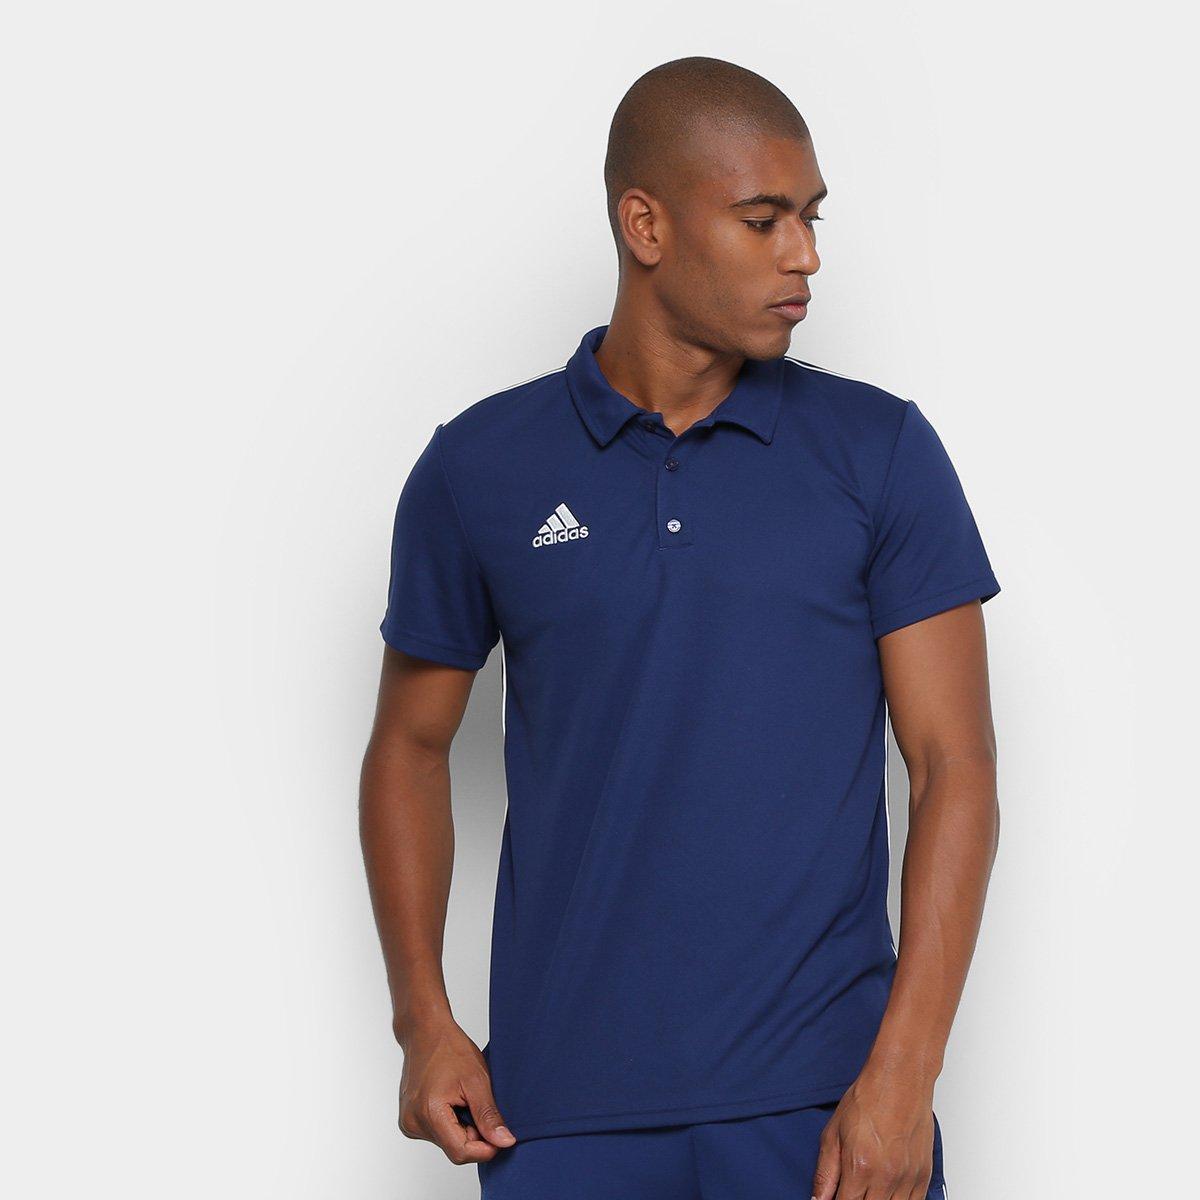 7e8c637761 Camisa Polo Adidas Core 18 Masculina - Compre Agora